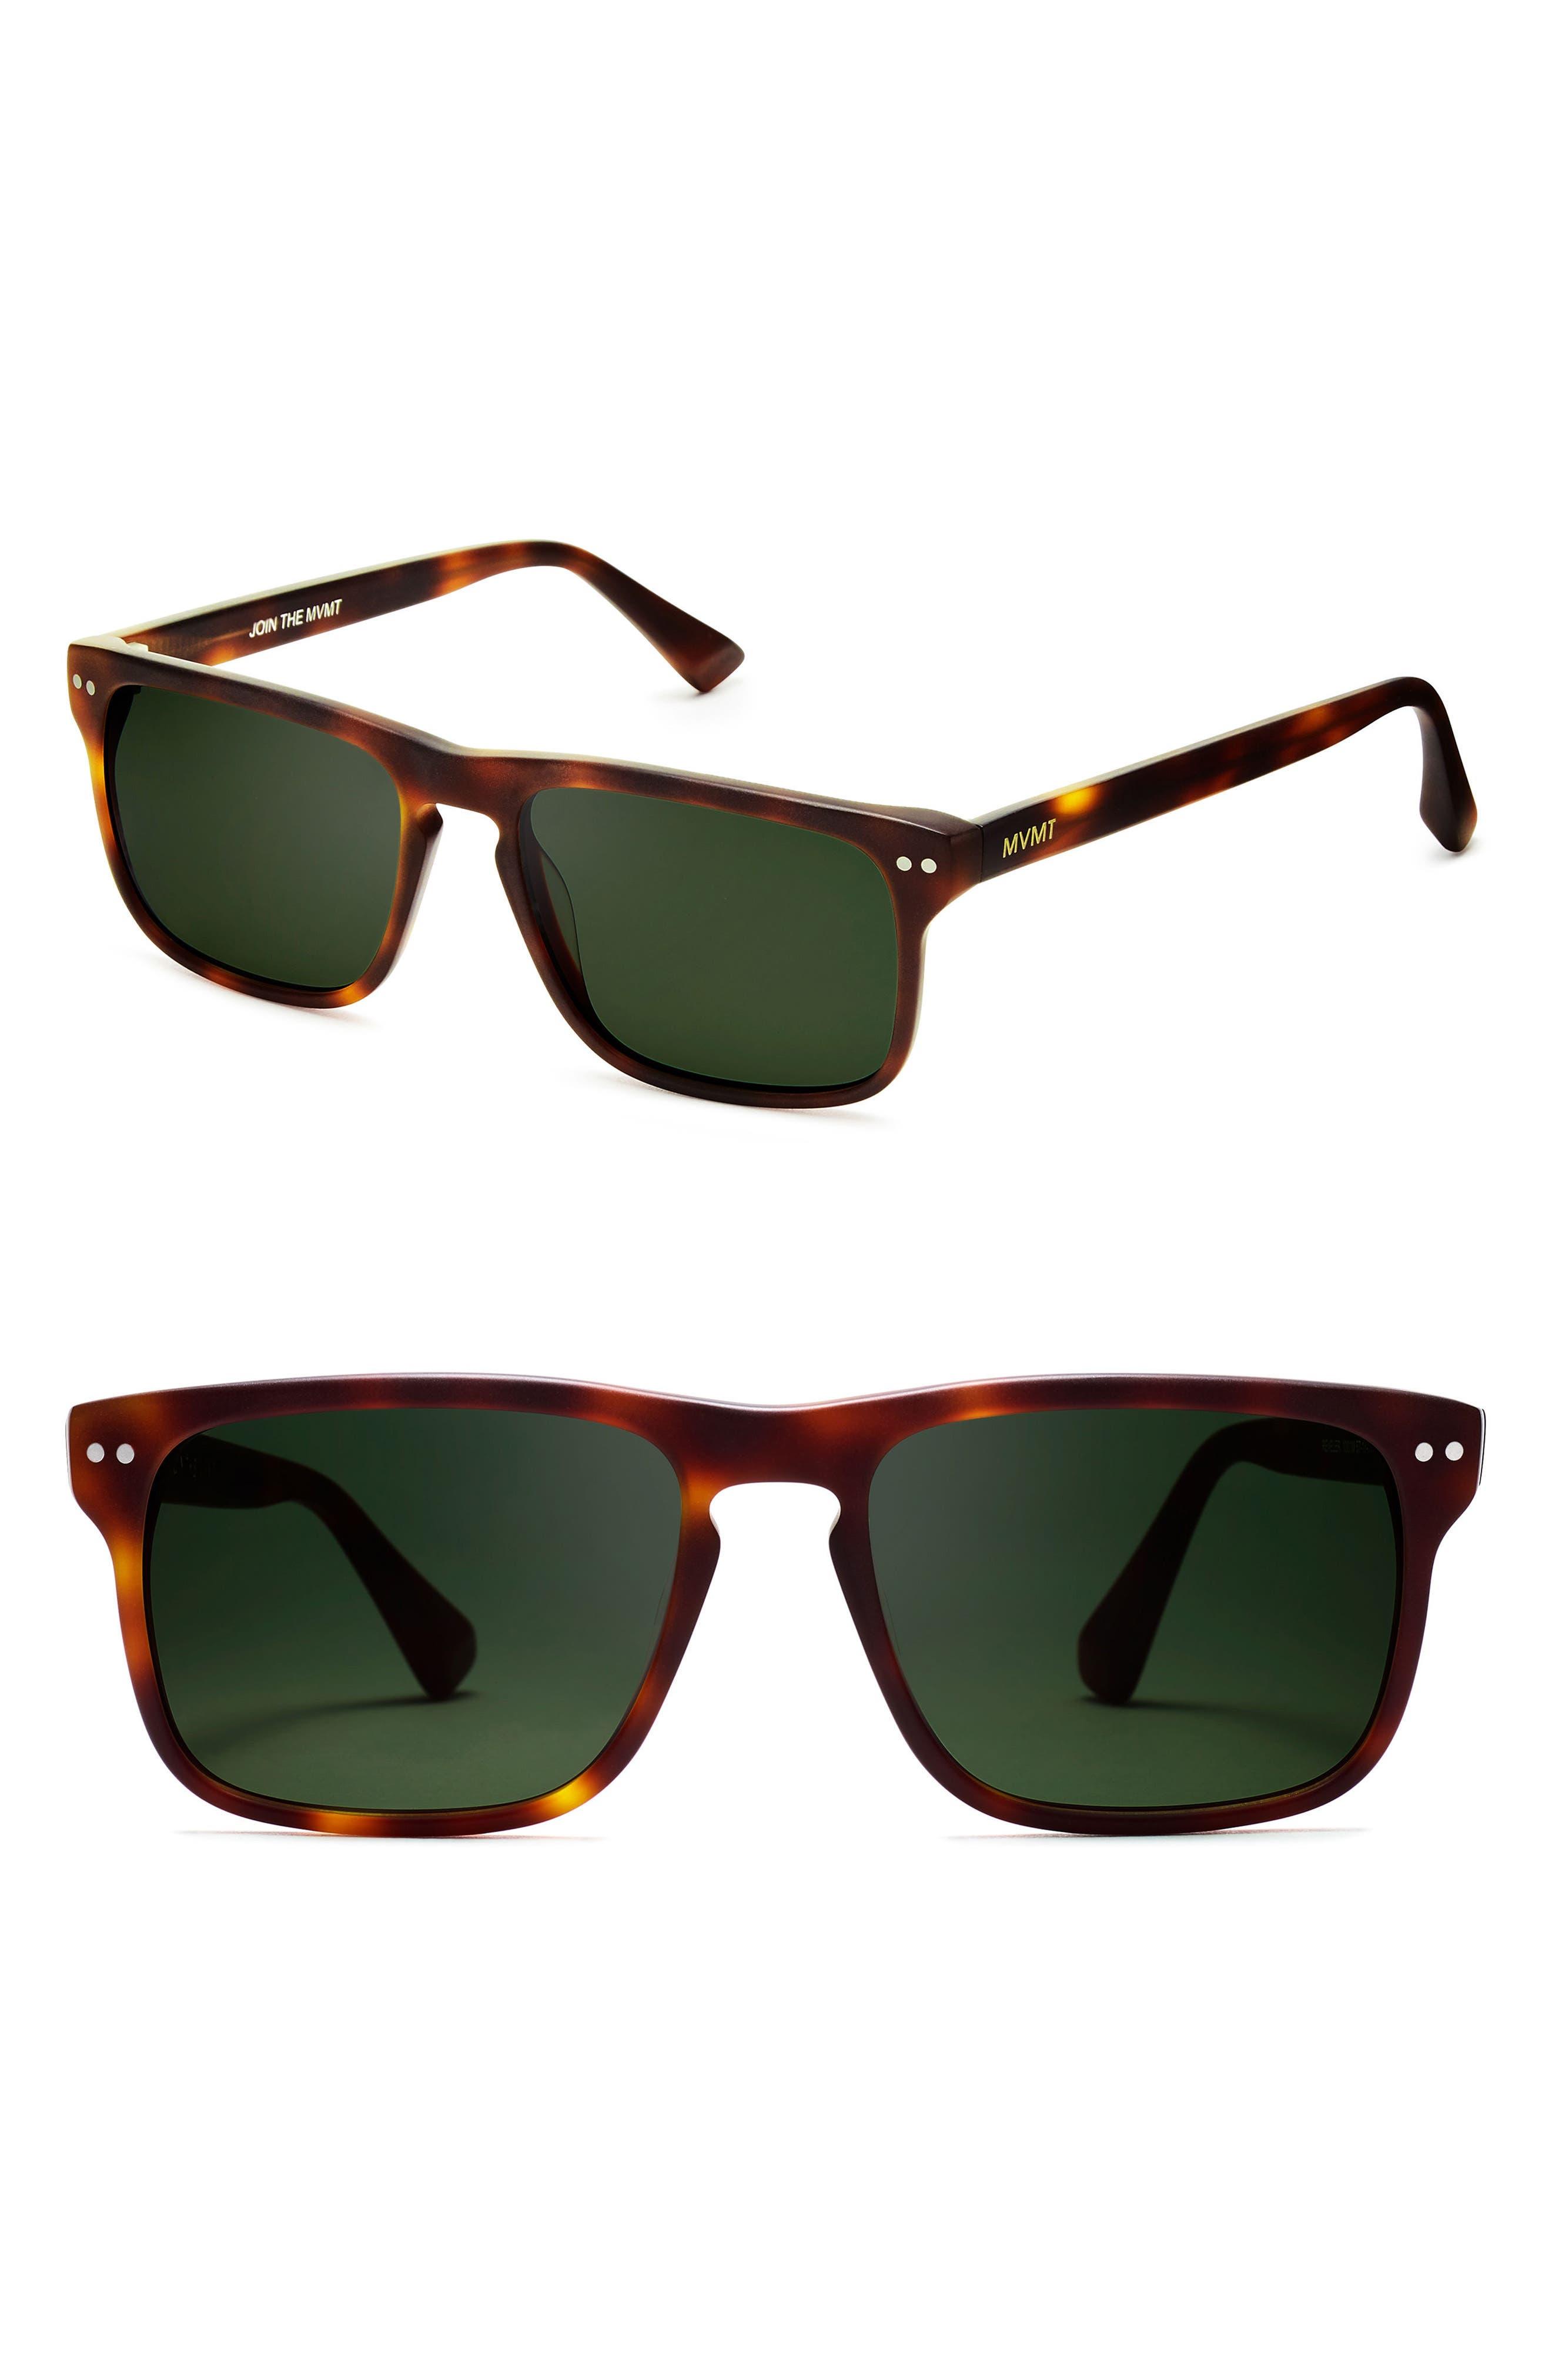 Reveler 57mm Sunglasses,                             Main thumbnail 1, color,                             Whiskey Tortoise